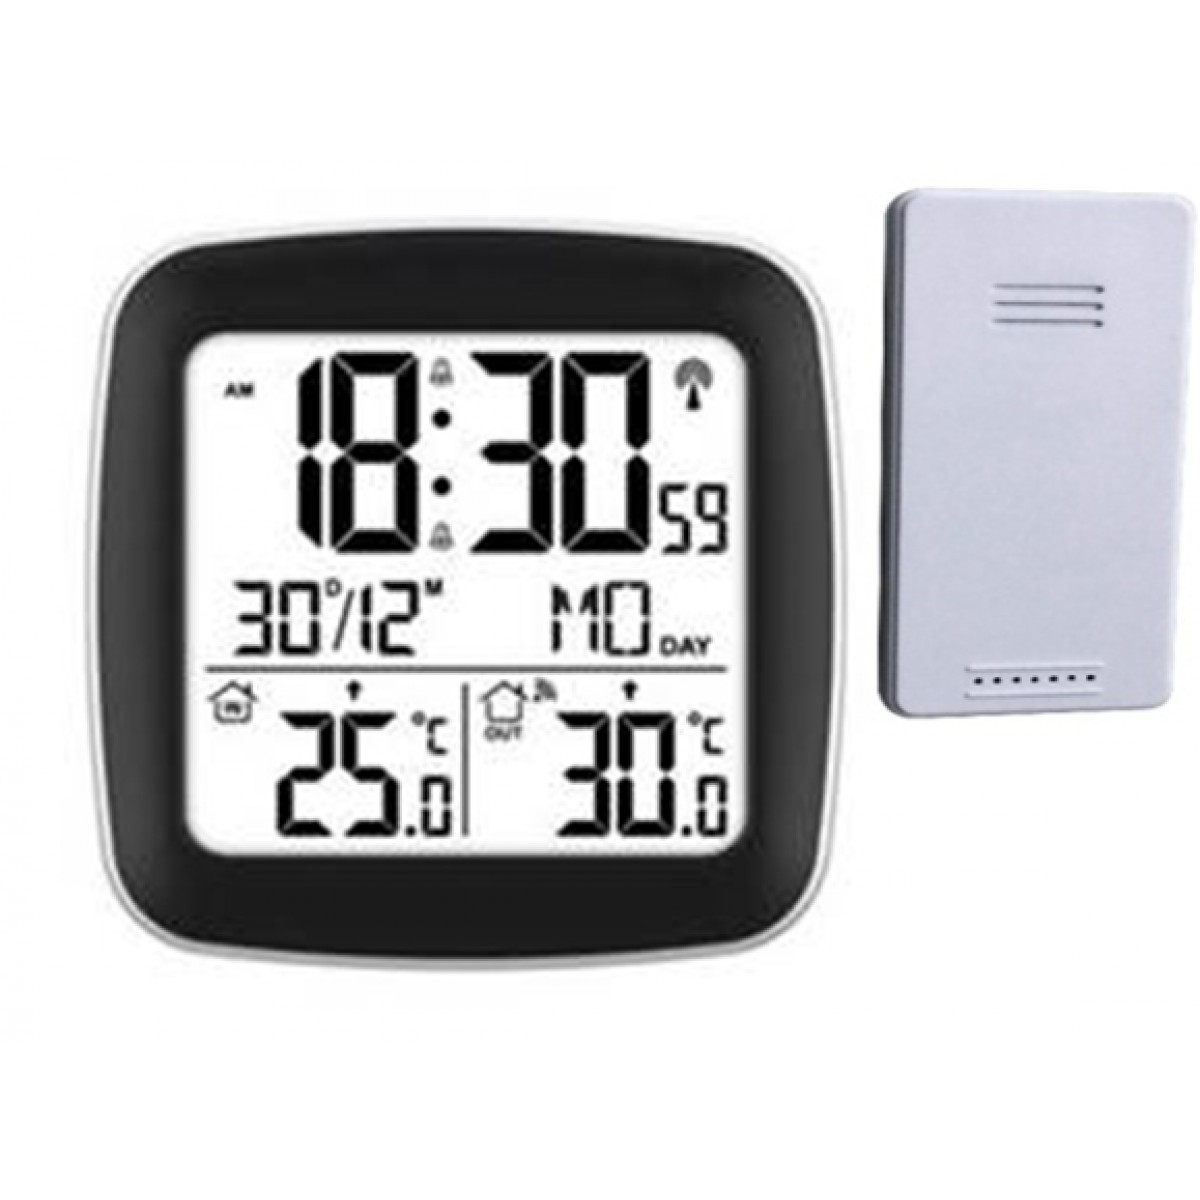 CONZEPT Radiostyret vækkeur m/inde & ude termometer